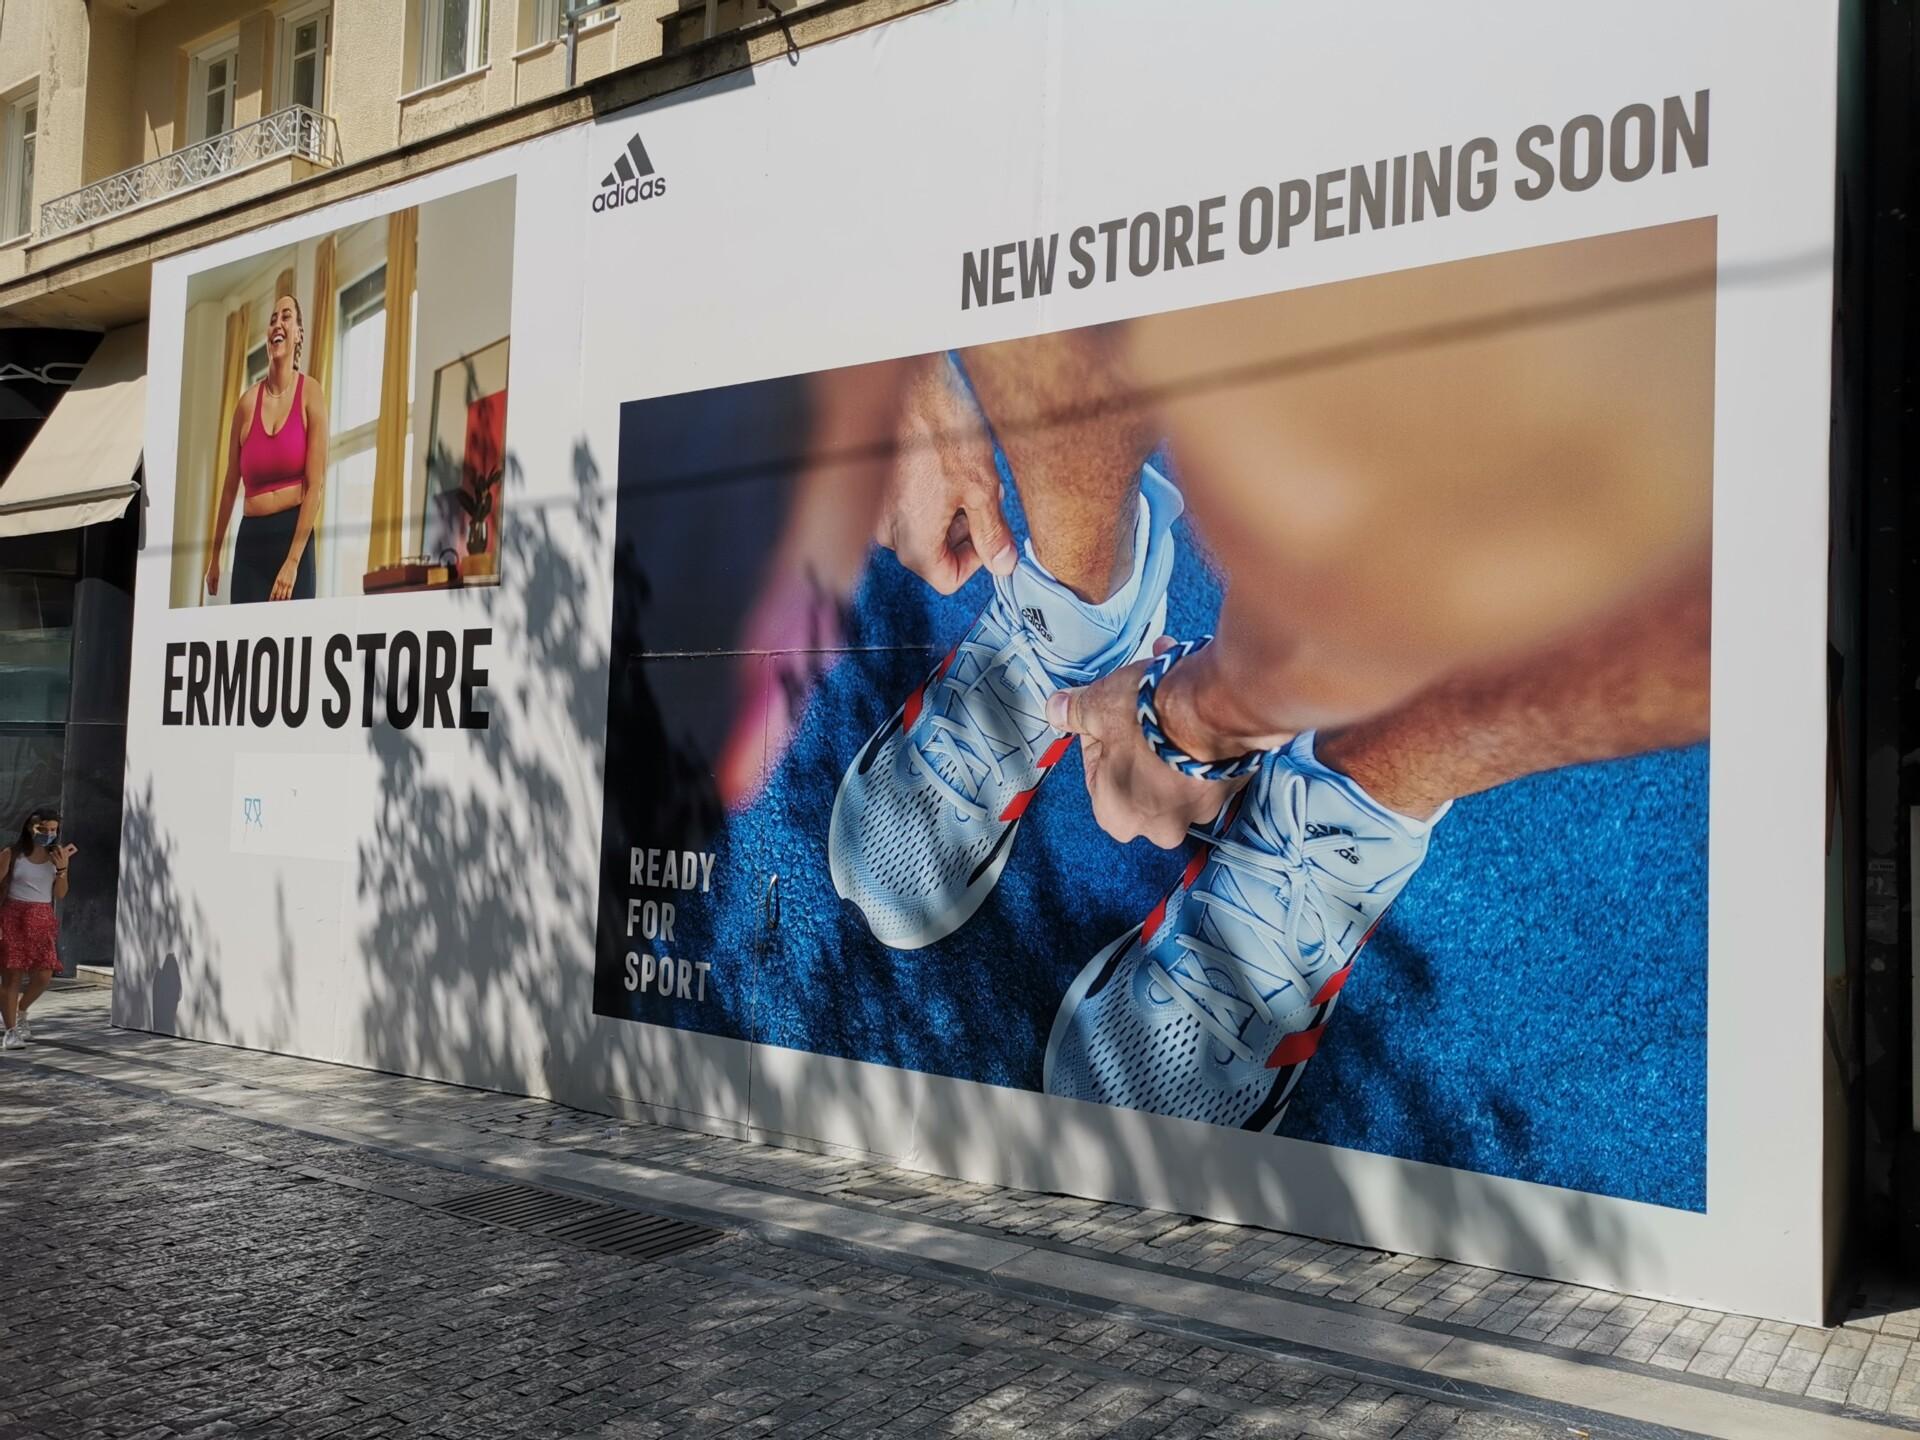 Πυρετώδεις πρετοιμασίες για το νέο κατάστημα της Adidas στην Ερμού © PowerGame